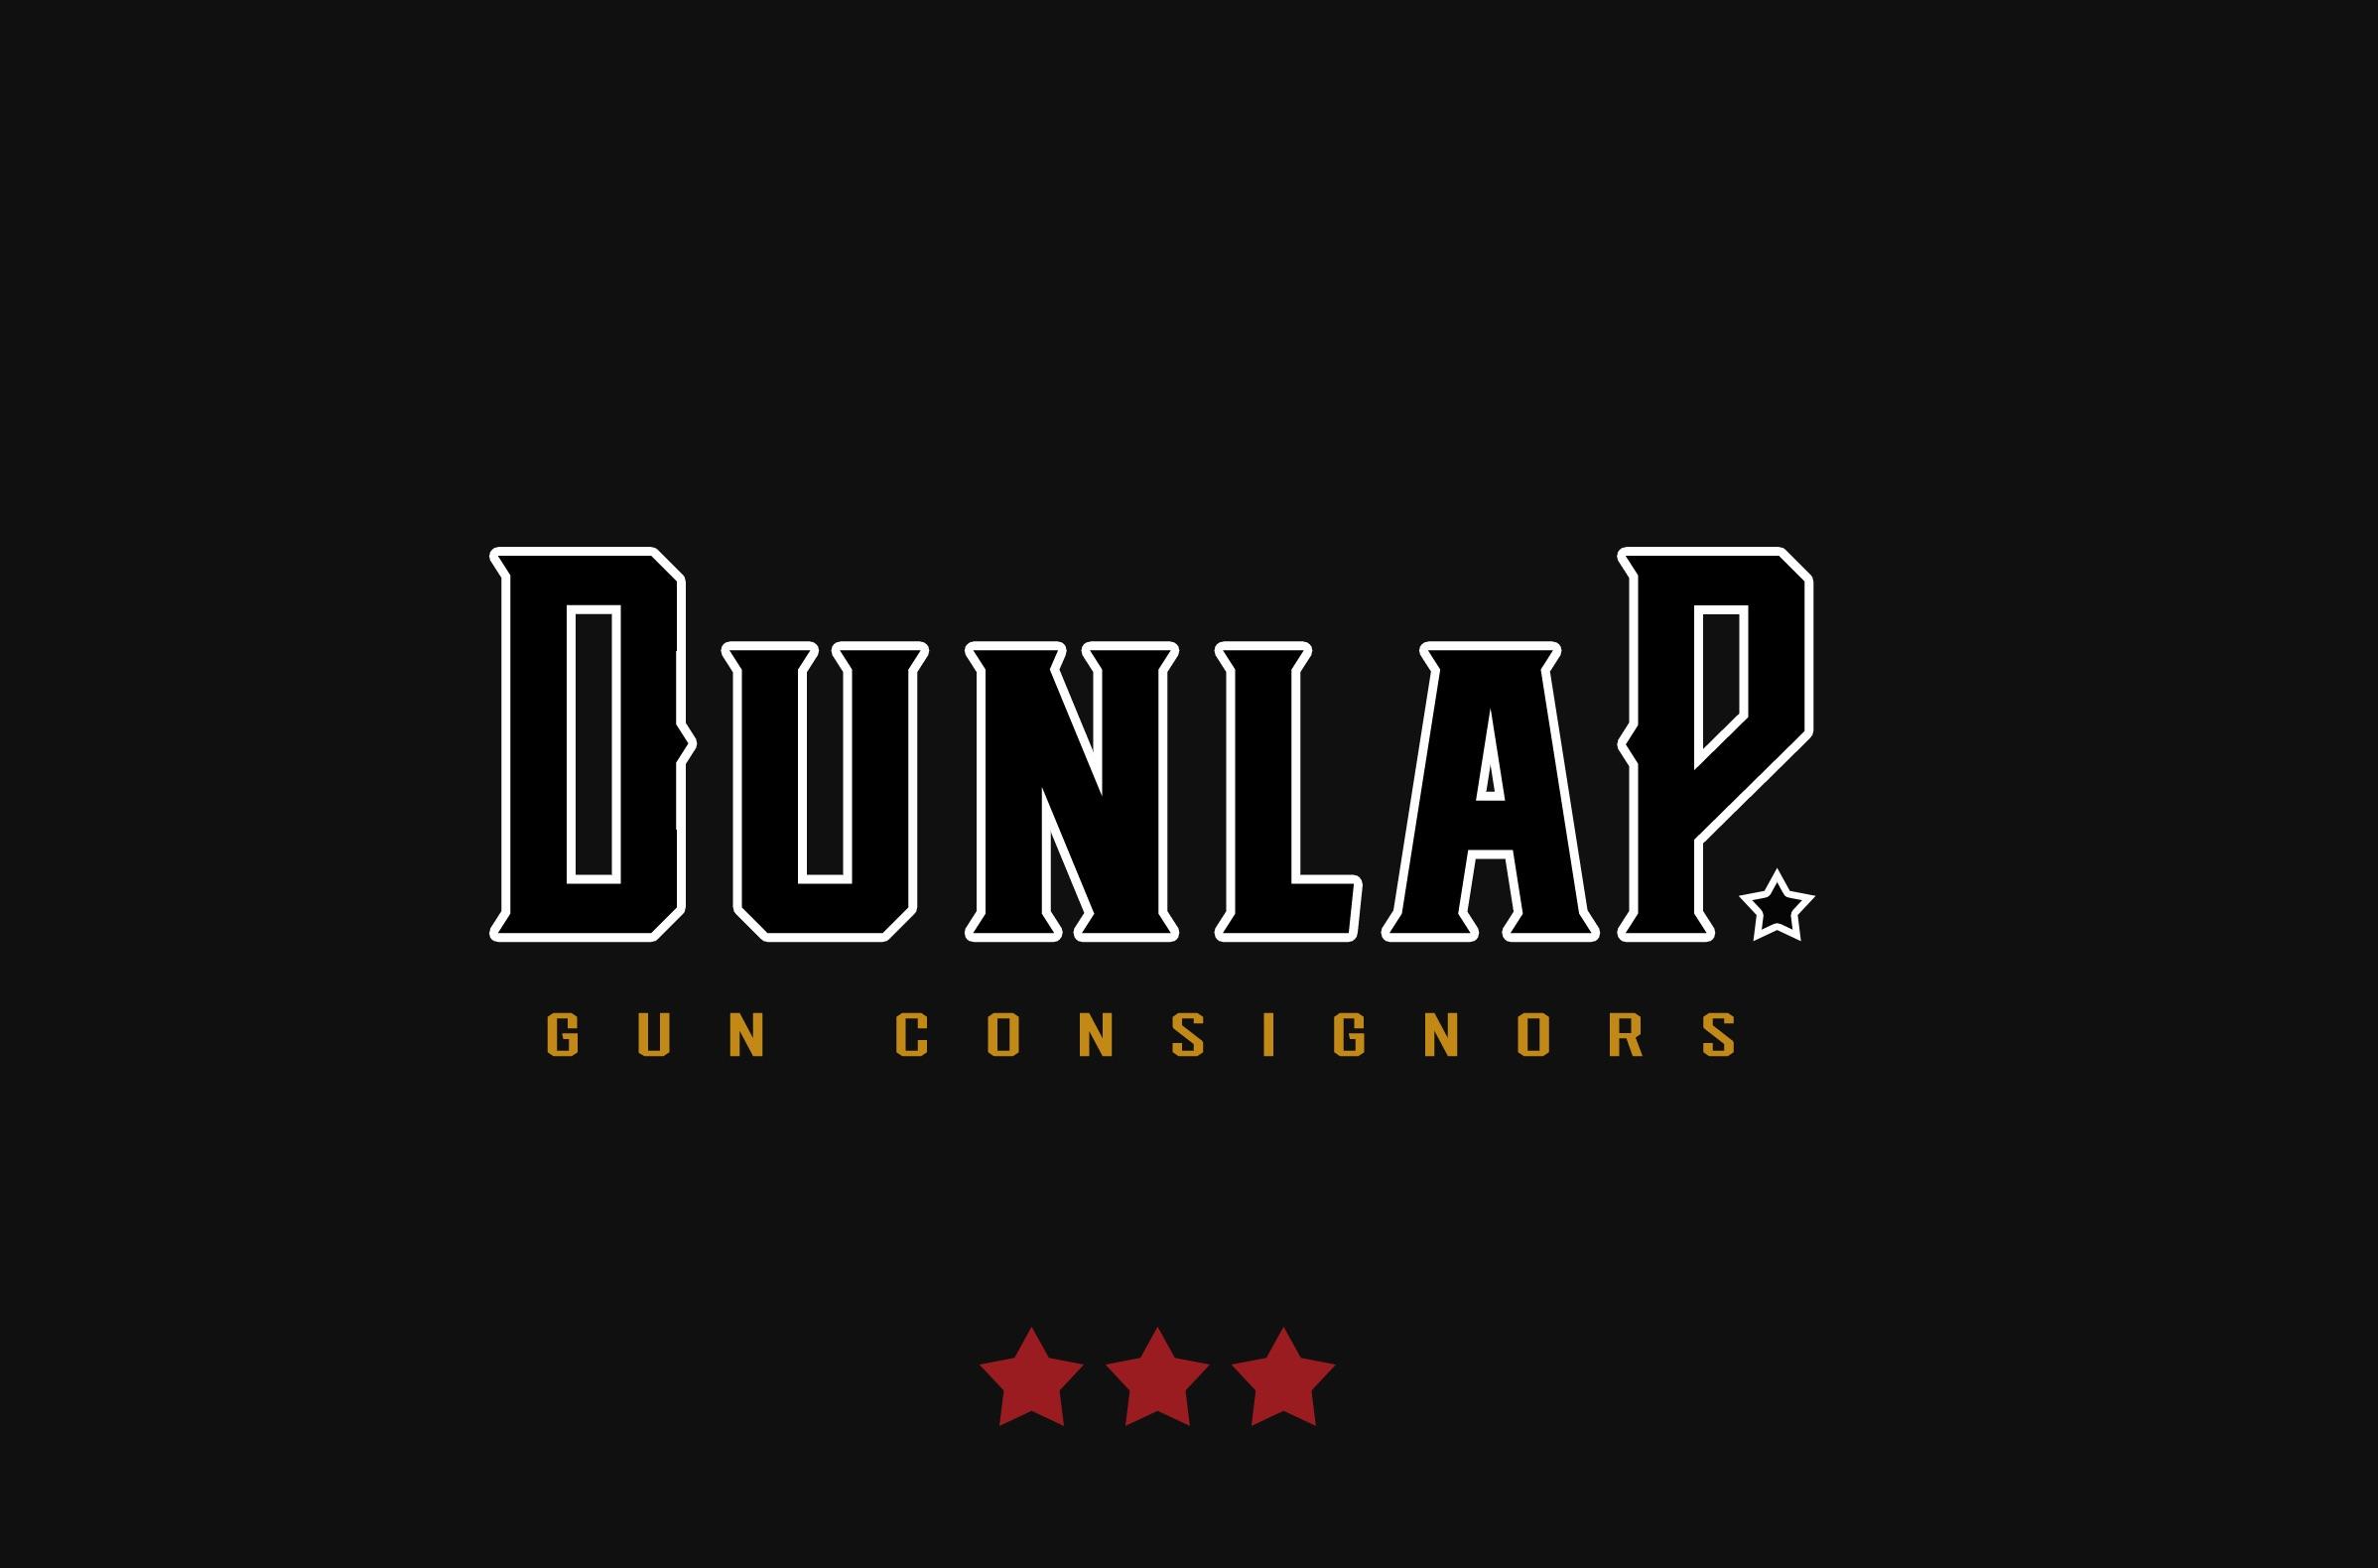 dunlap gun consignors